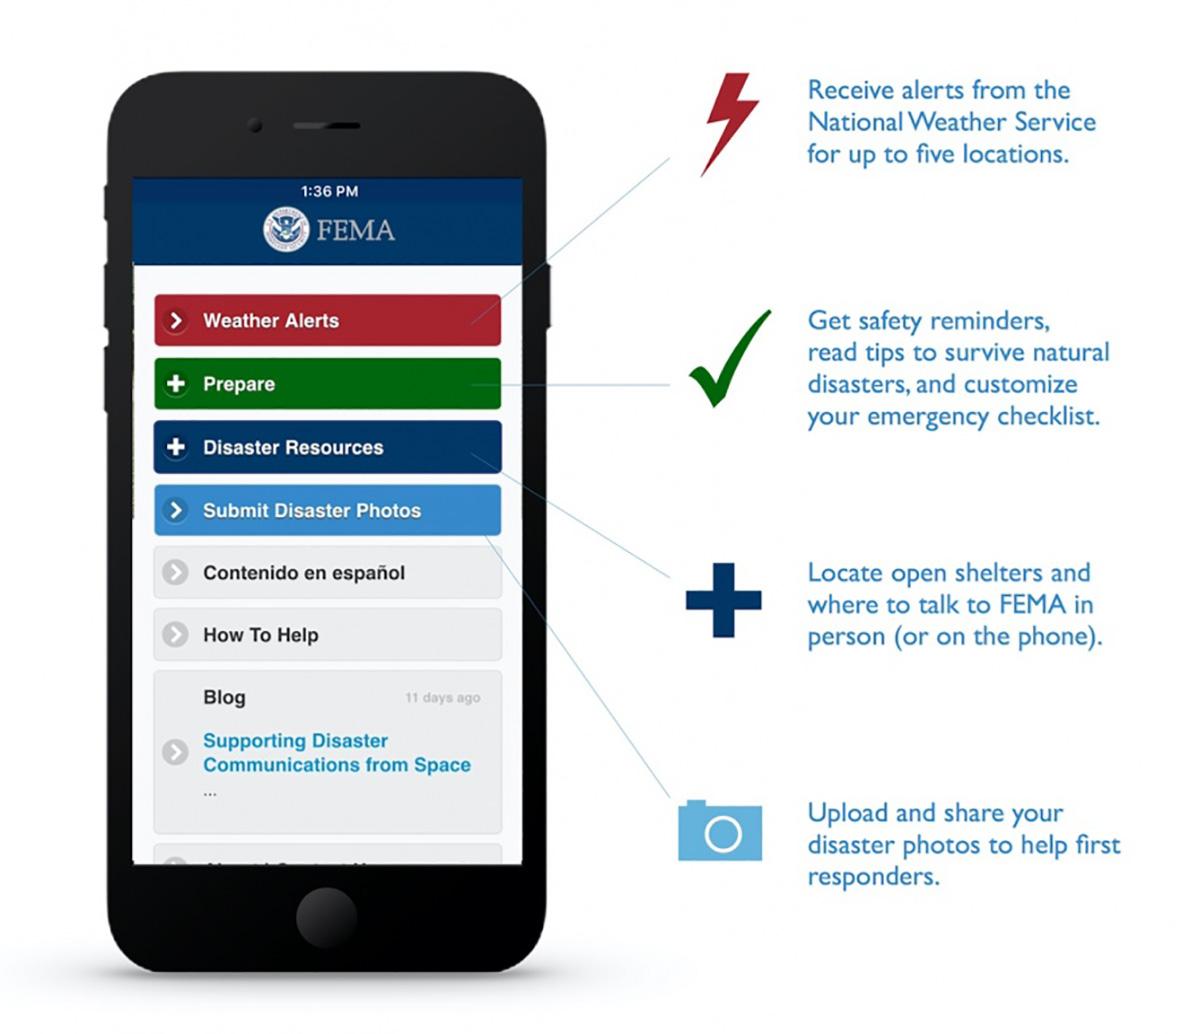 fema-app-features-2.7